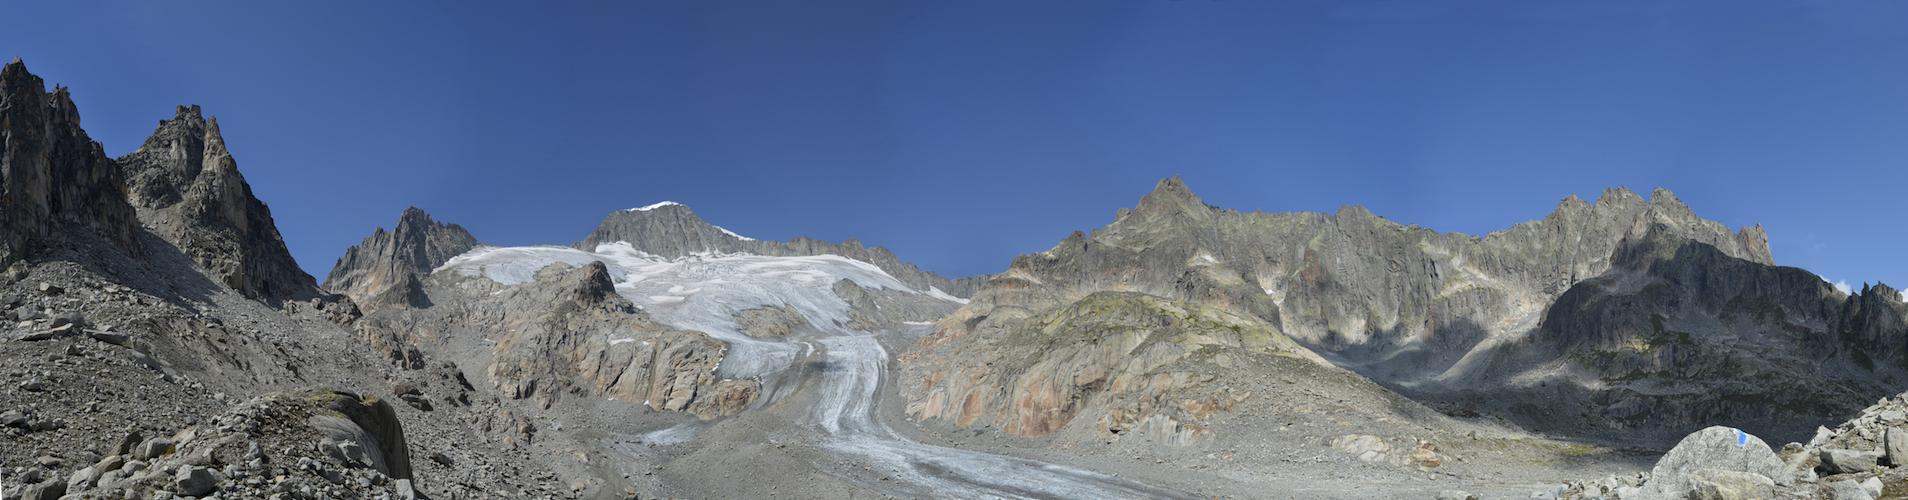 Nepali Highway 2